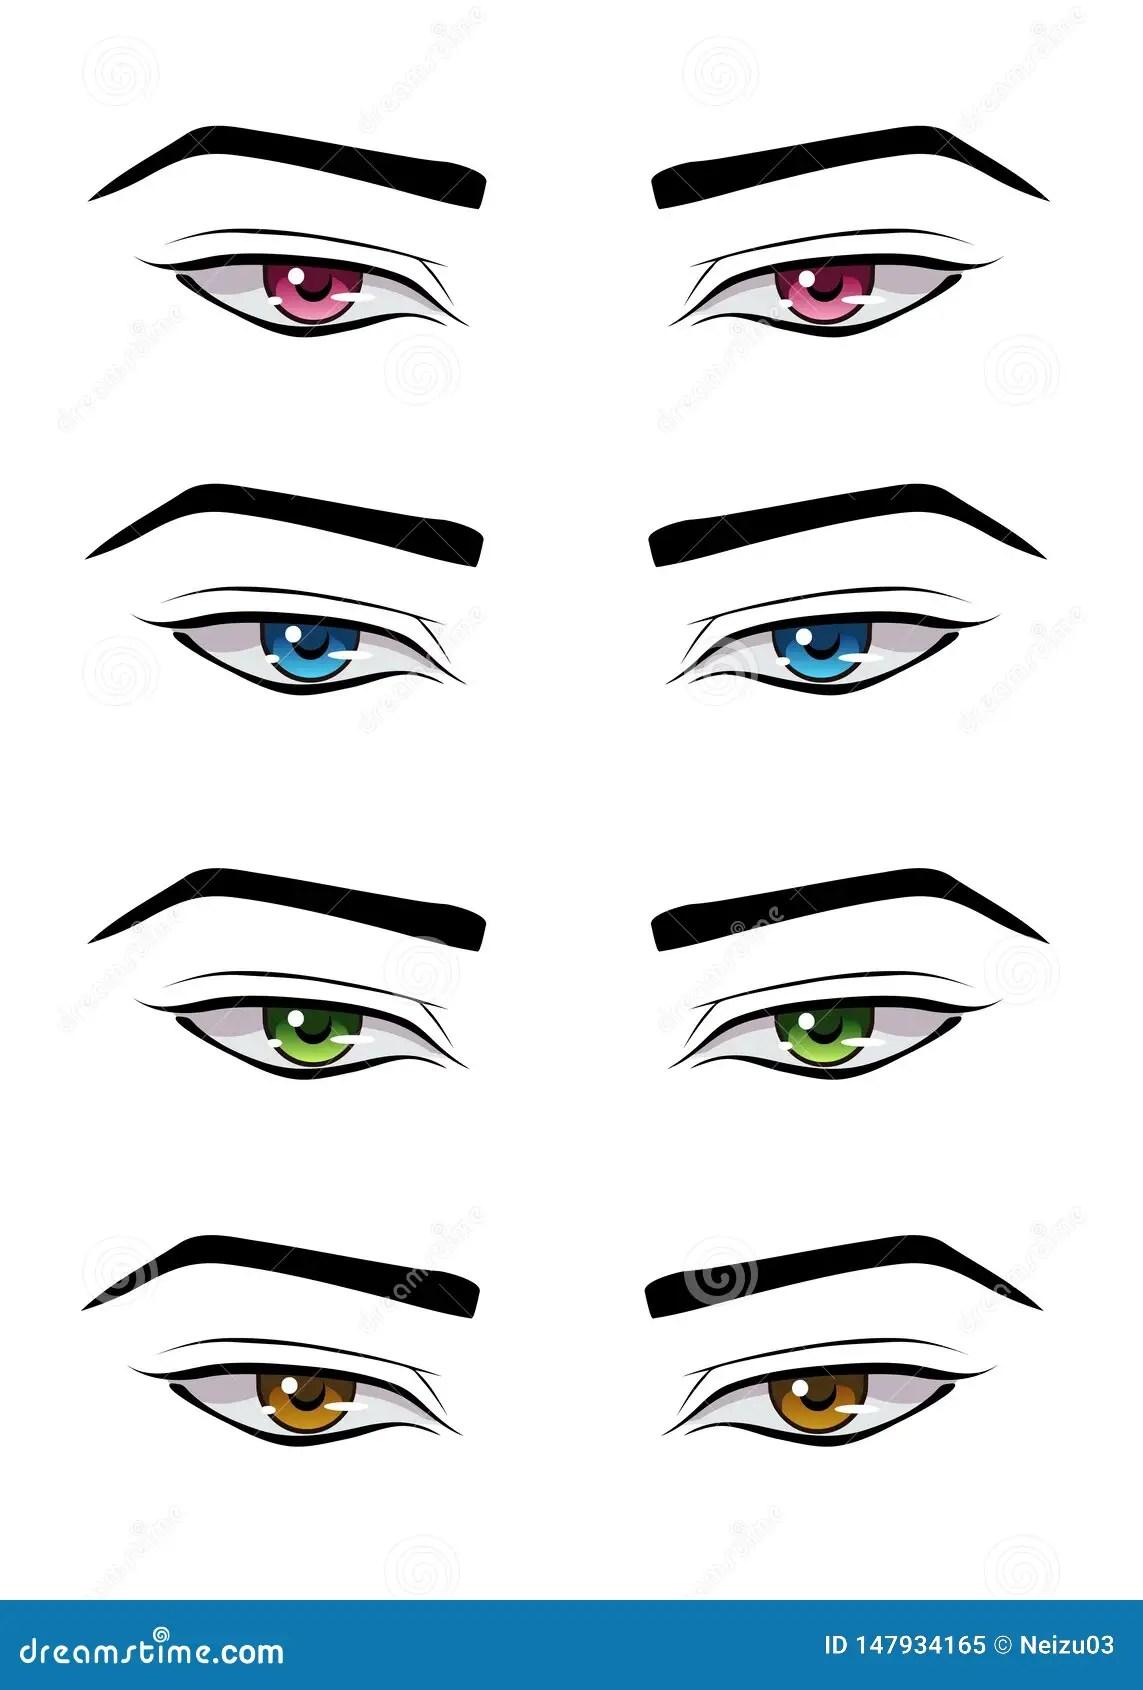 Male Anime Eyes : anime, Anime, Style, Stock, Illustration, Japanese,, Iris:, 147934165